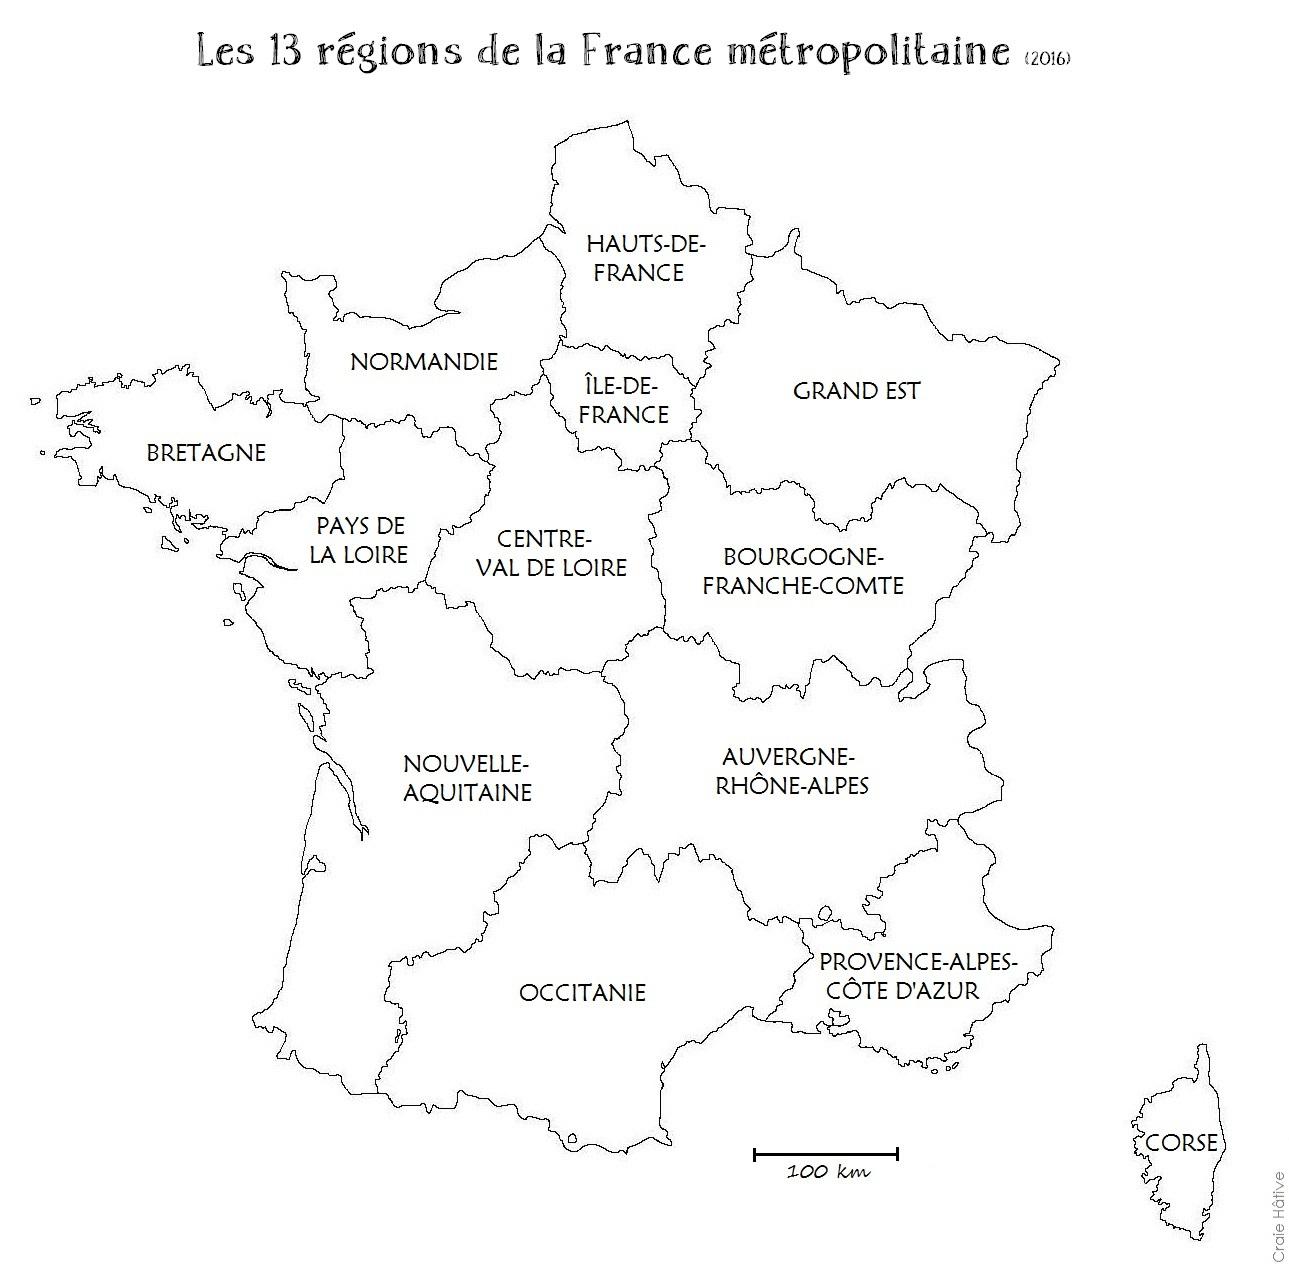 Cartes Des Régions De La France Métropolitaine - 2016 serapportantà Carte Vierge Des Régions De France